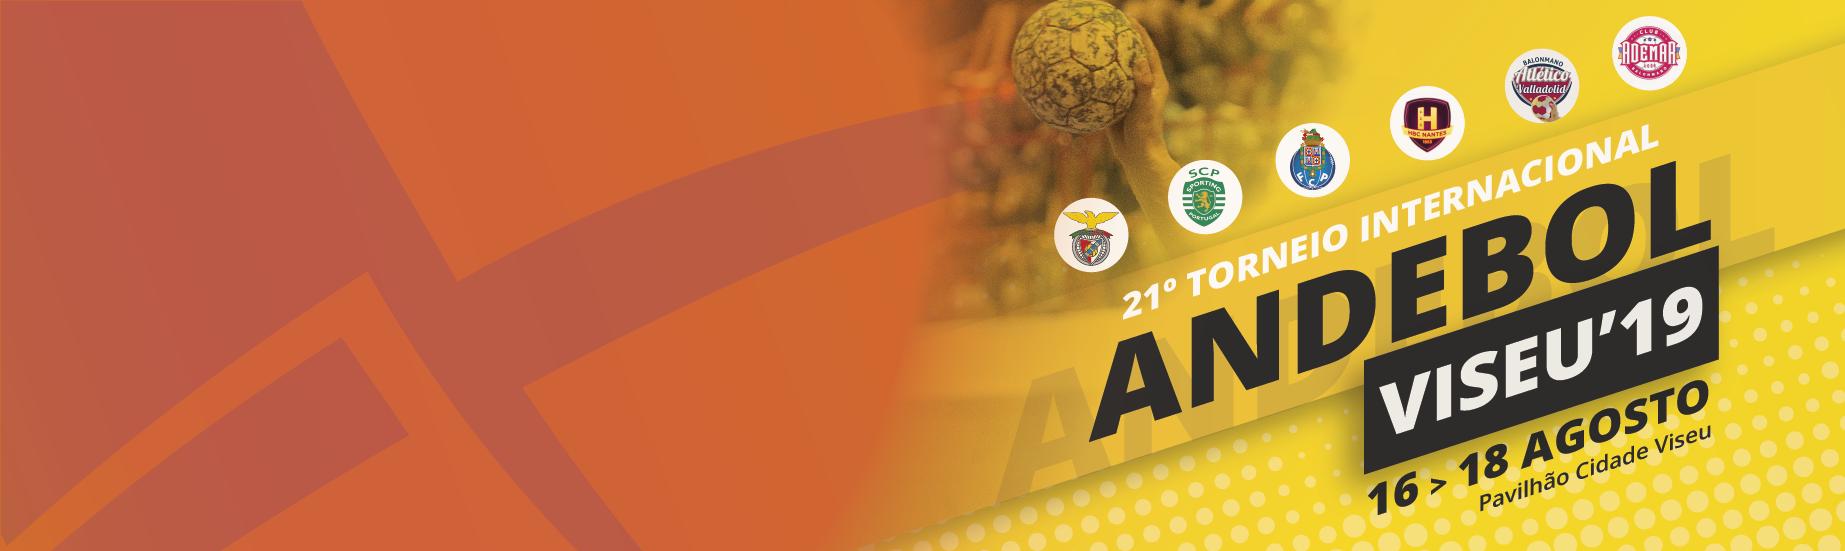 Venha assistir ao 21º Torneio Internacional de Andebol de Viseu